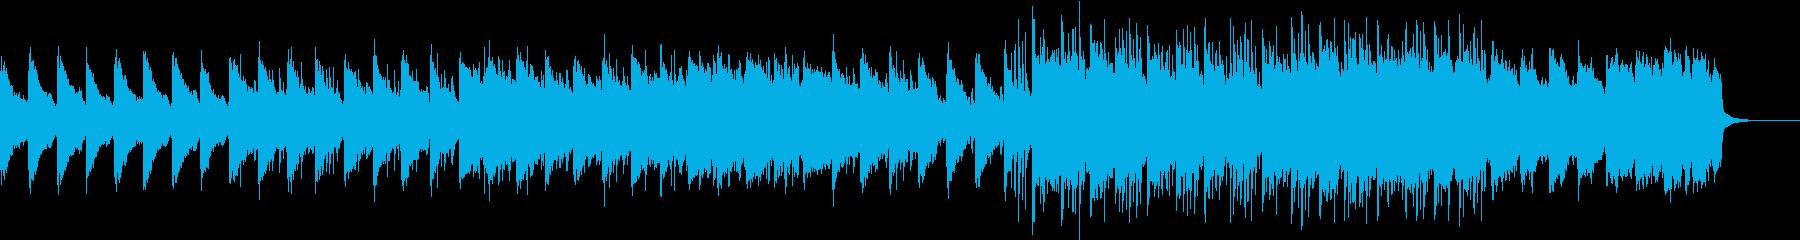 しっとりとした平坦なBGMの再生済みの波形